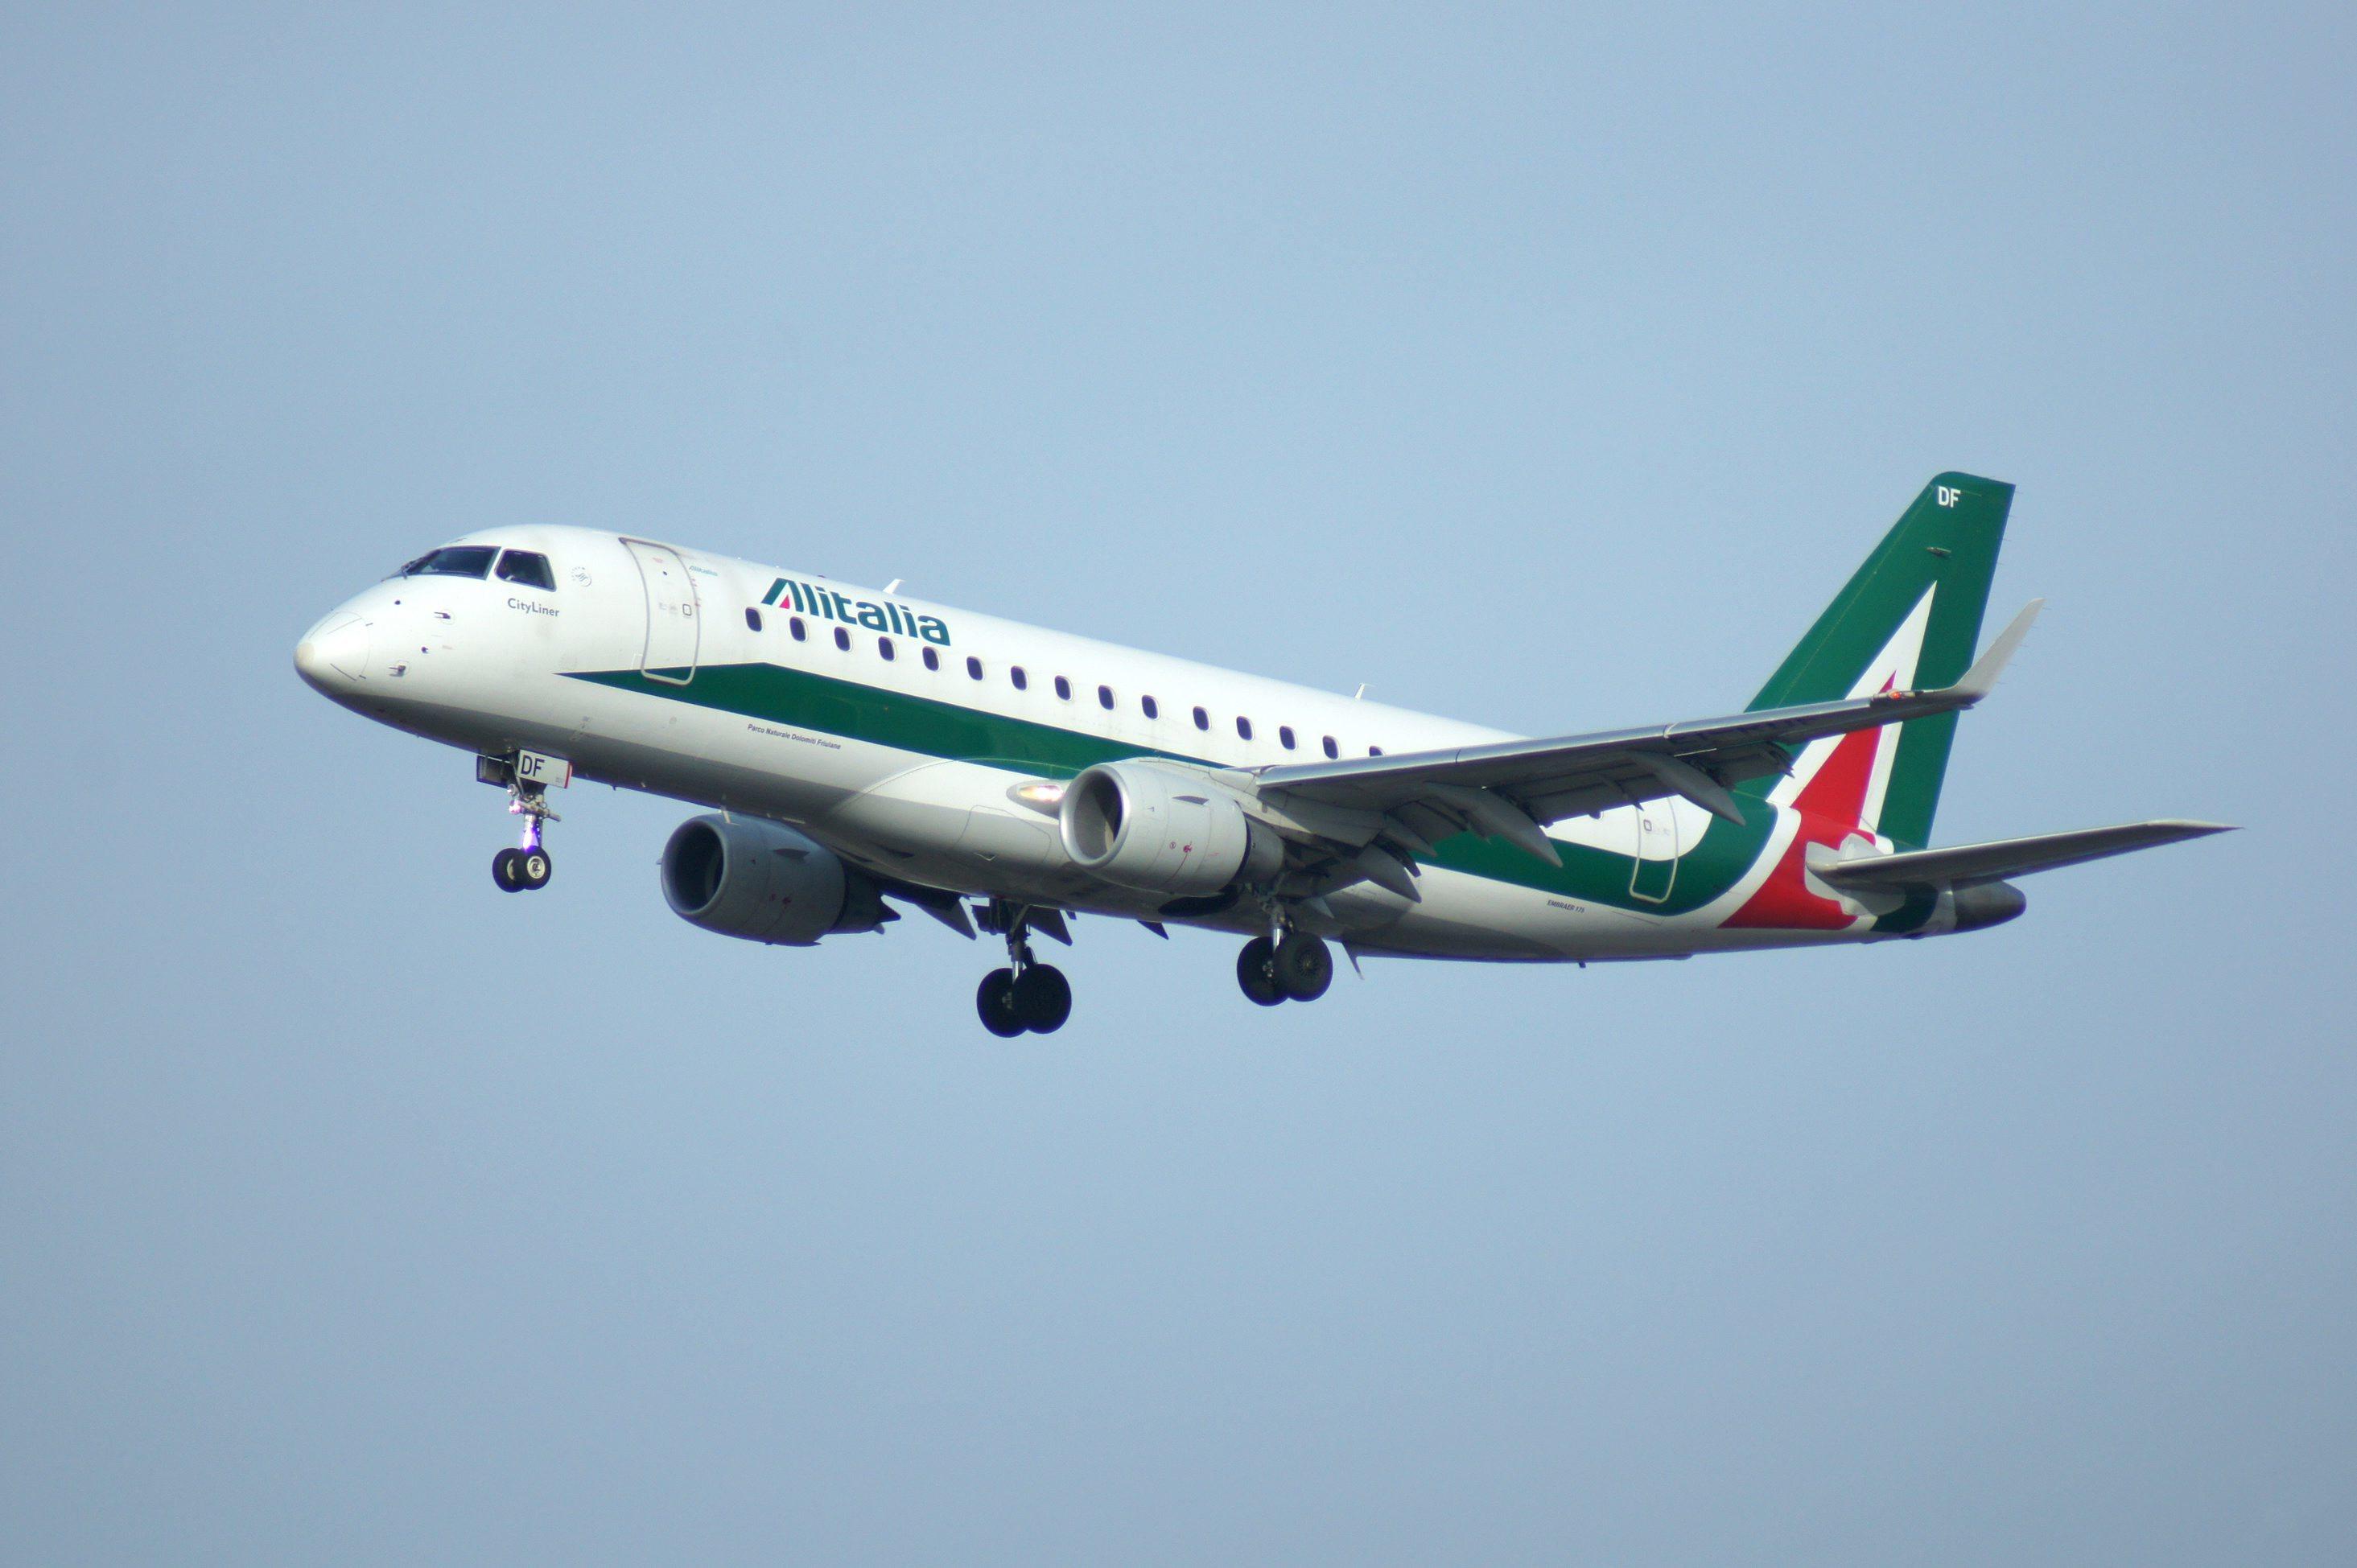 Az olasz kormány ismét megpróbálja megmenteni az állami légitársaságot